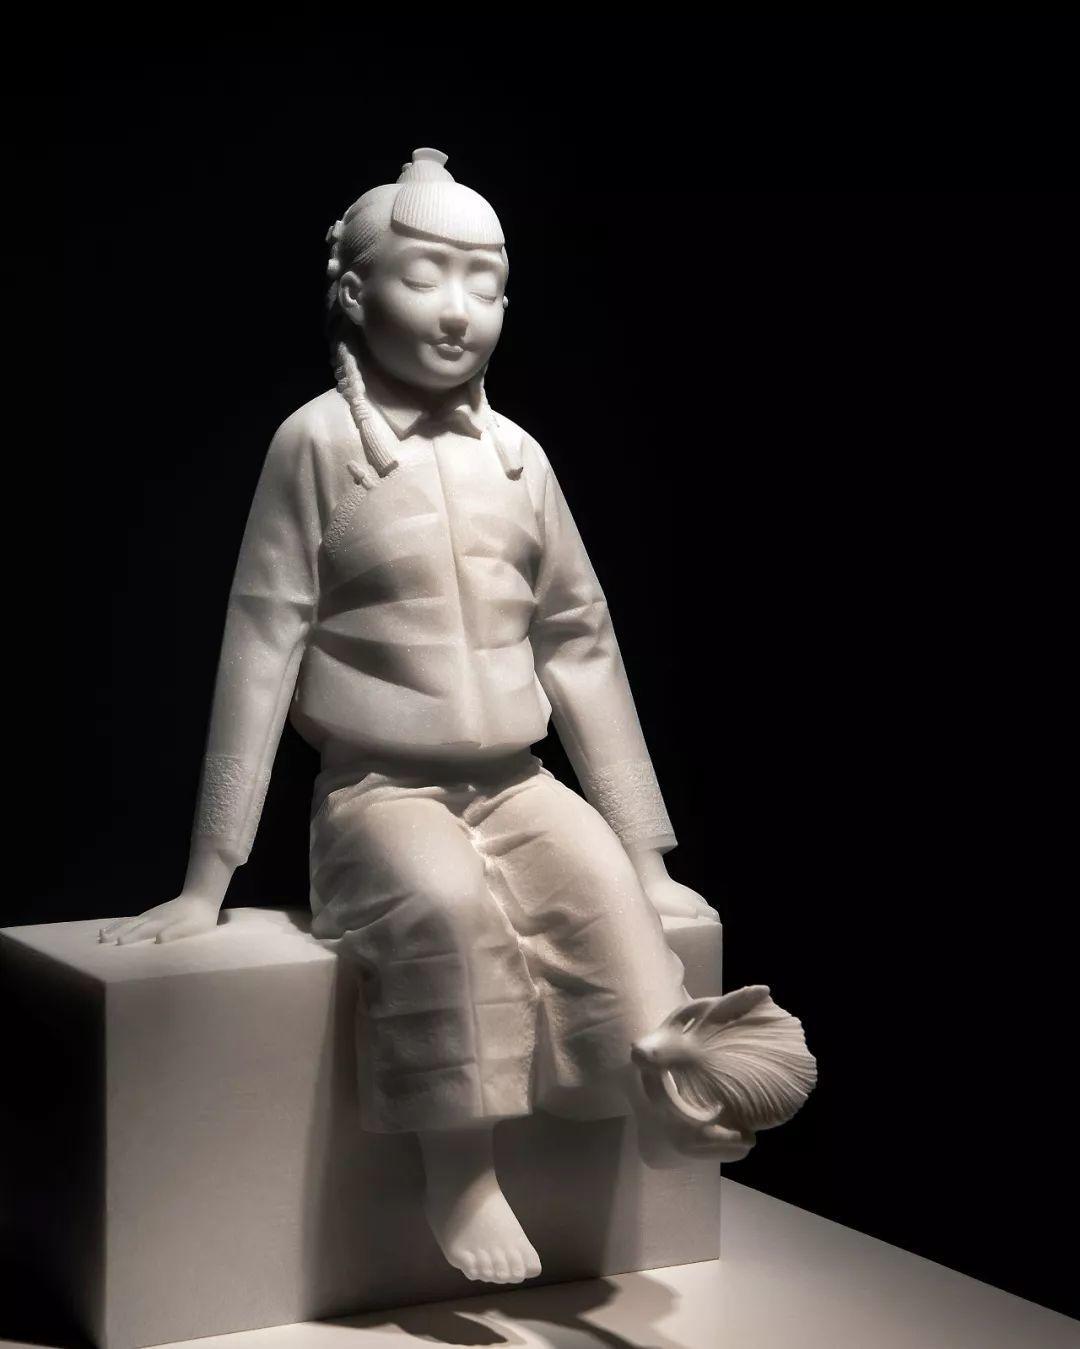 第十三届全国美展·雕塑作品展插图93